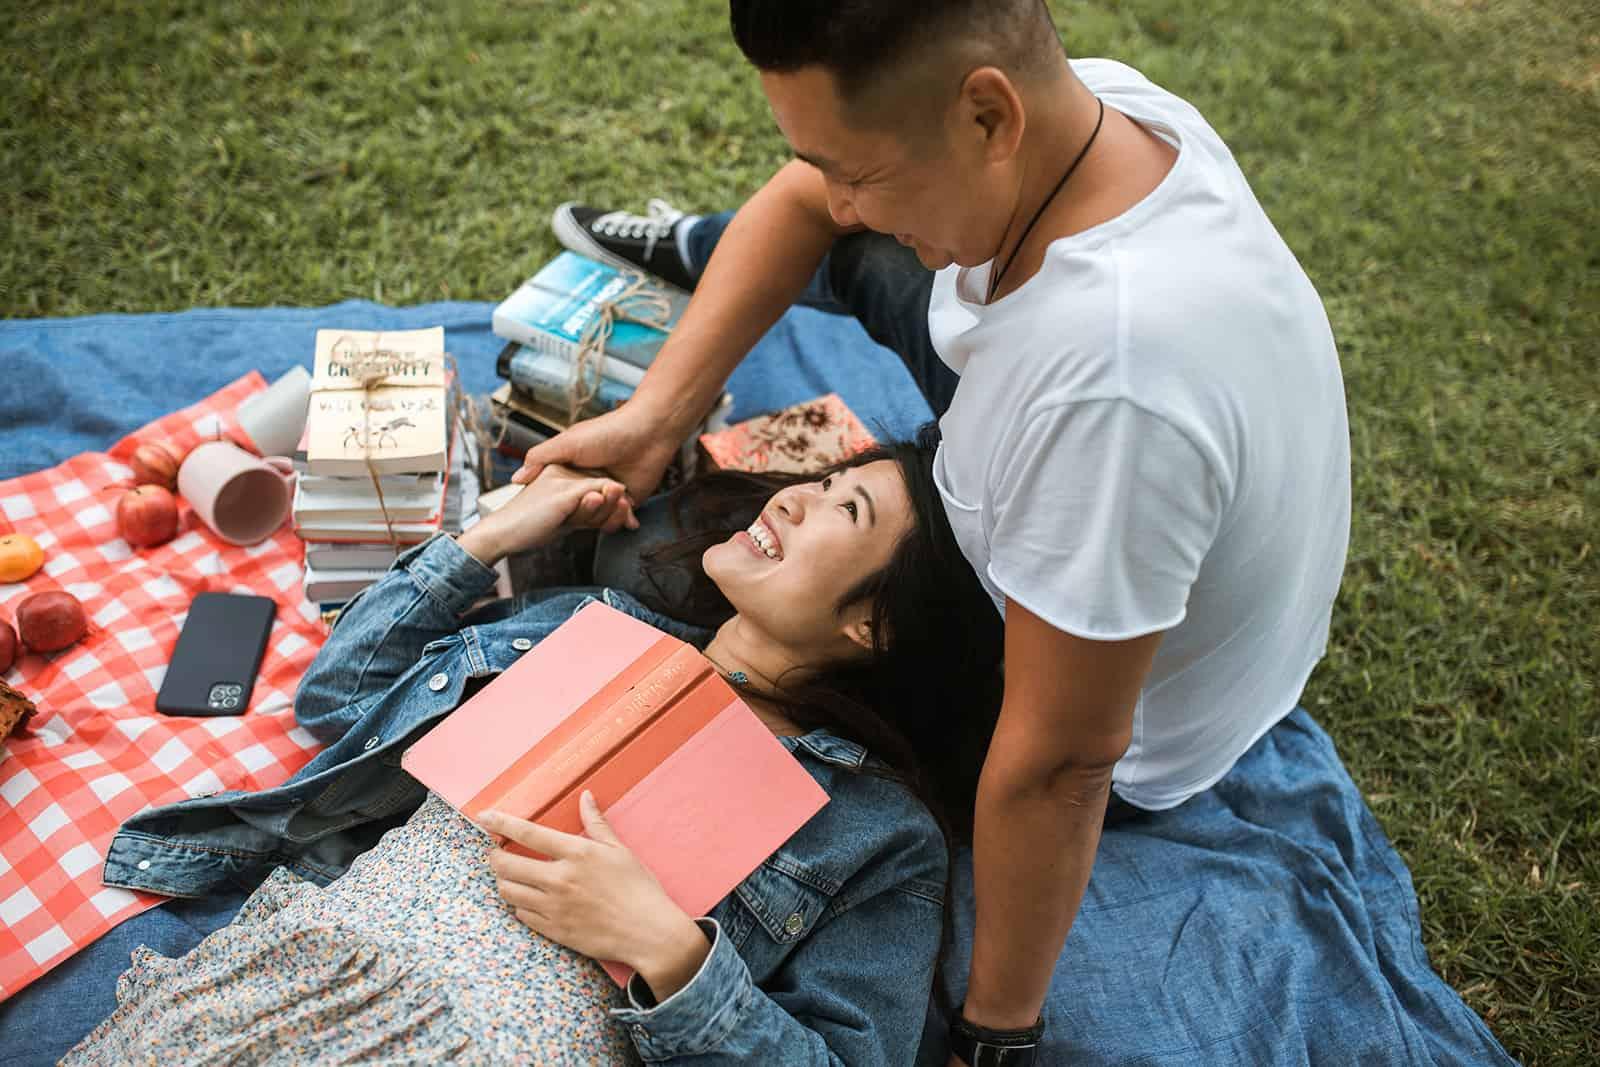 glückliche Frau, die ein Buch hält und ihren Freund beim Liegen auf der Decke beim Picknick ansieht